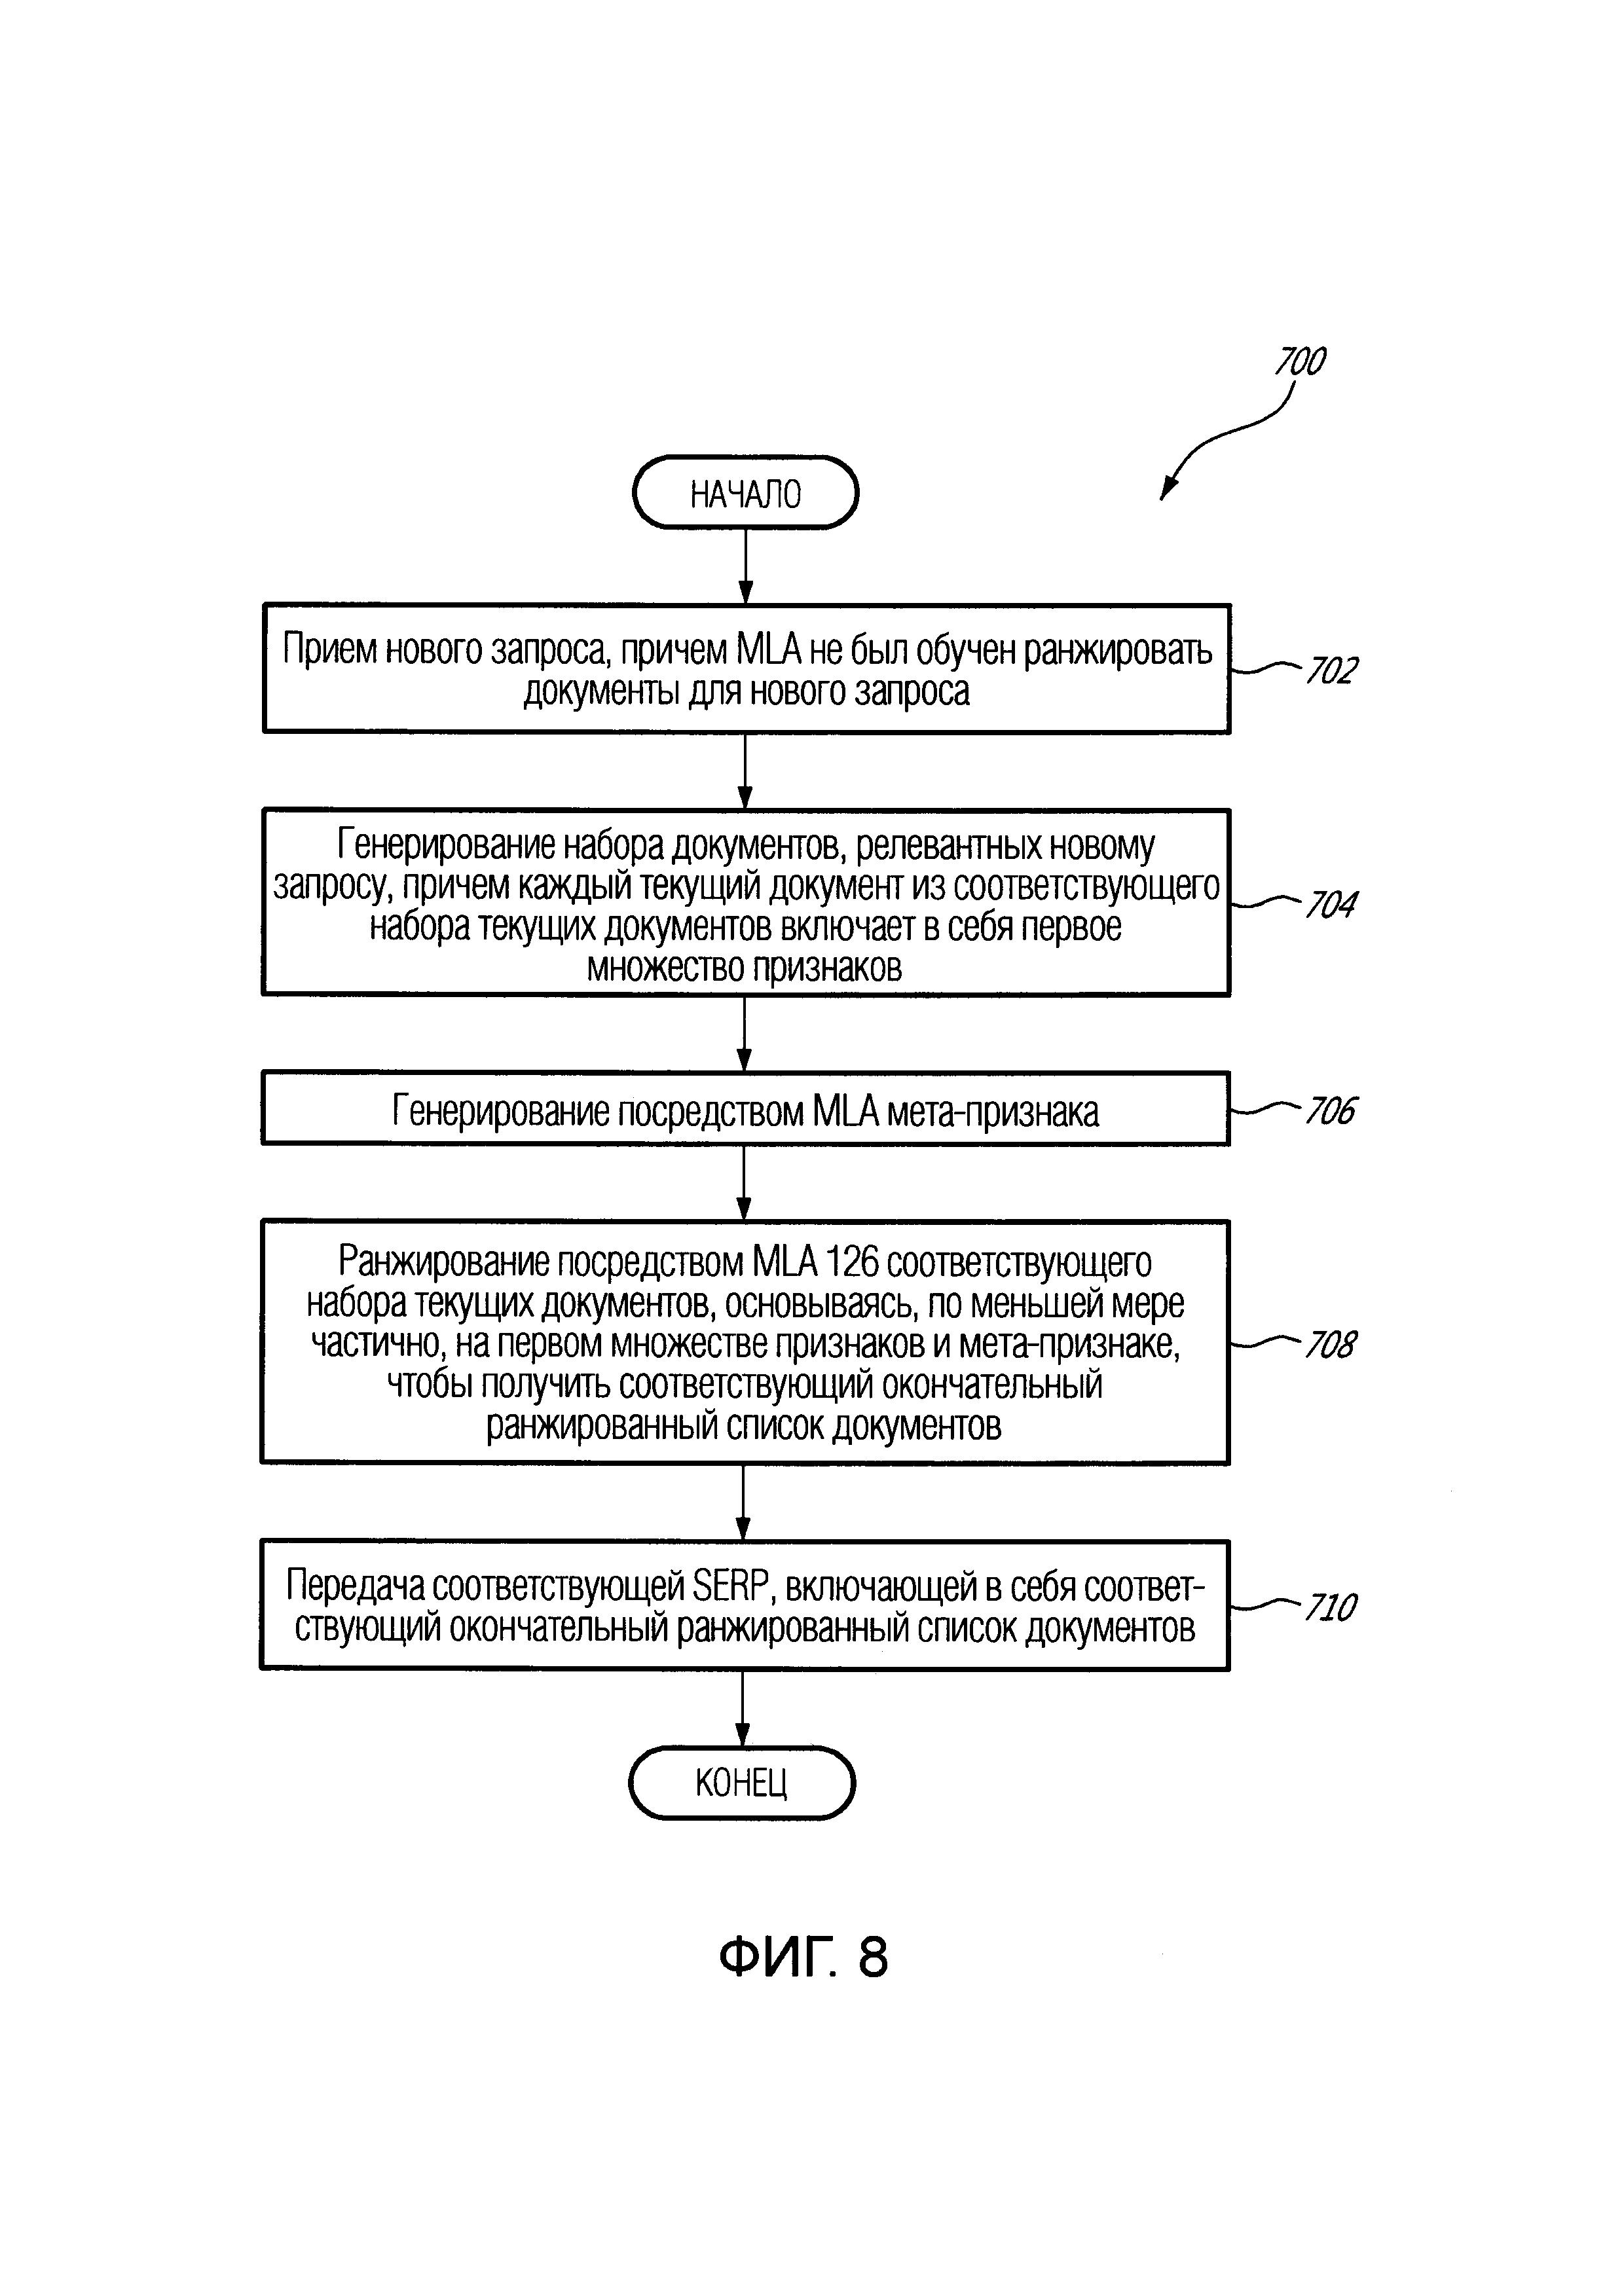 Способ и сервер генерирования мета-признака для ранжирования документов